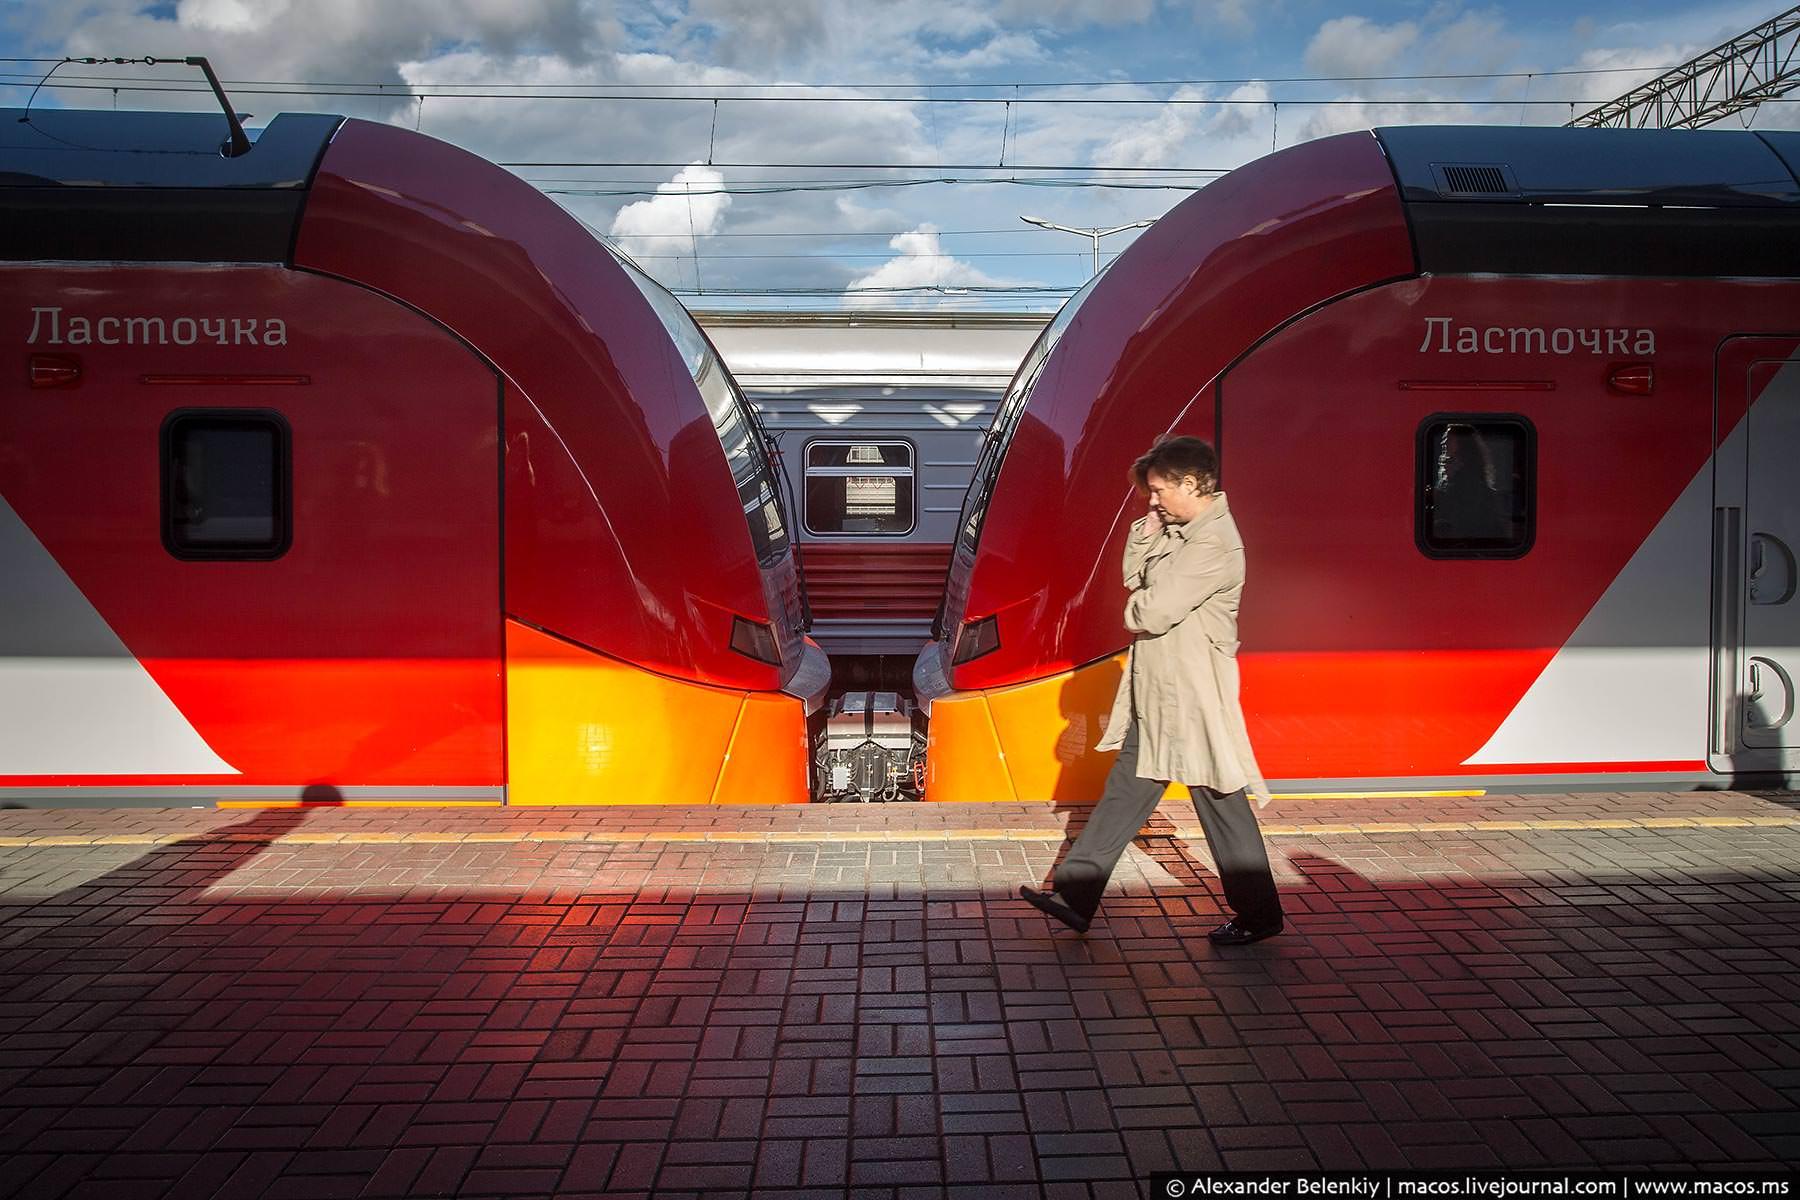 Расстояние от Москвы до Казани Расстояние между Москвой